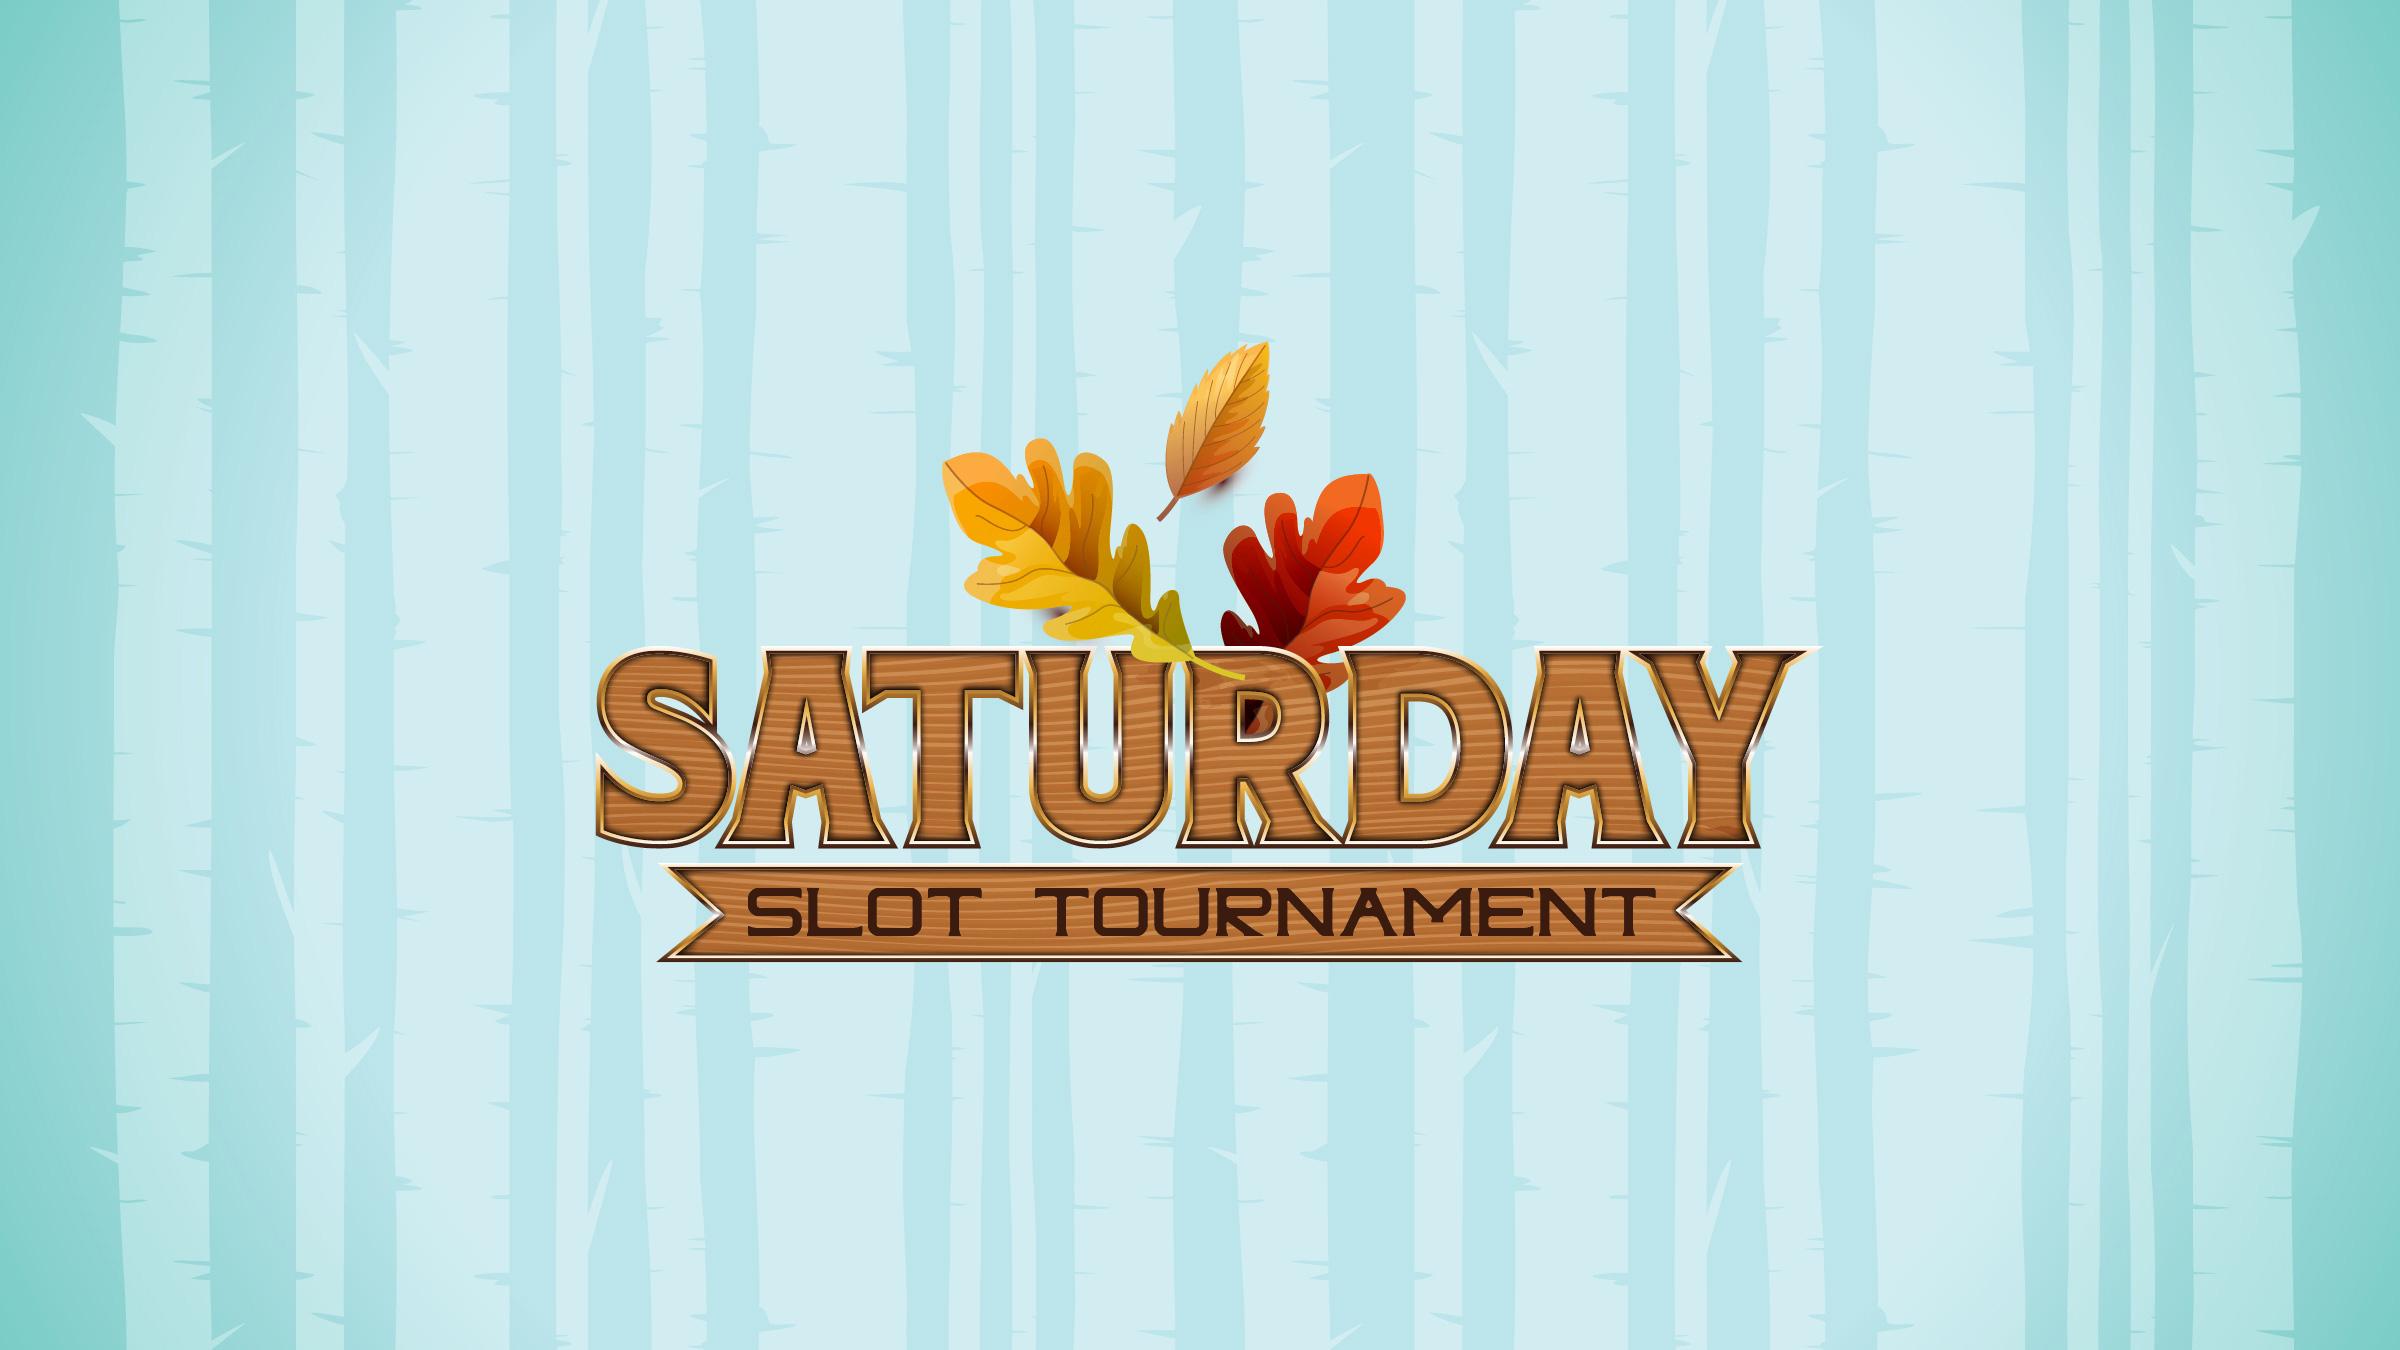 Saturday Slot Tournament